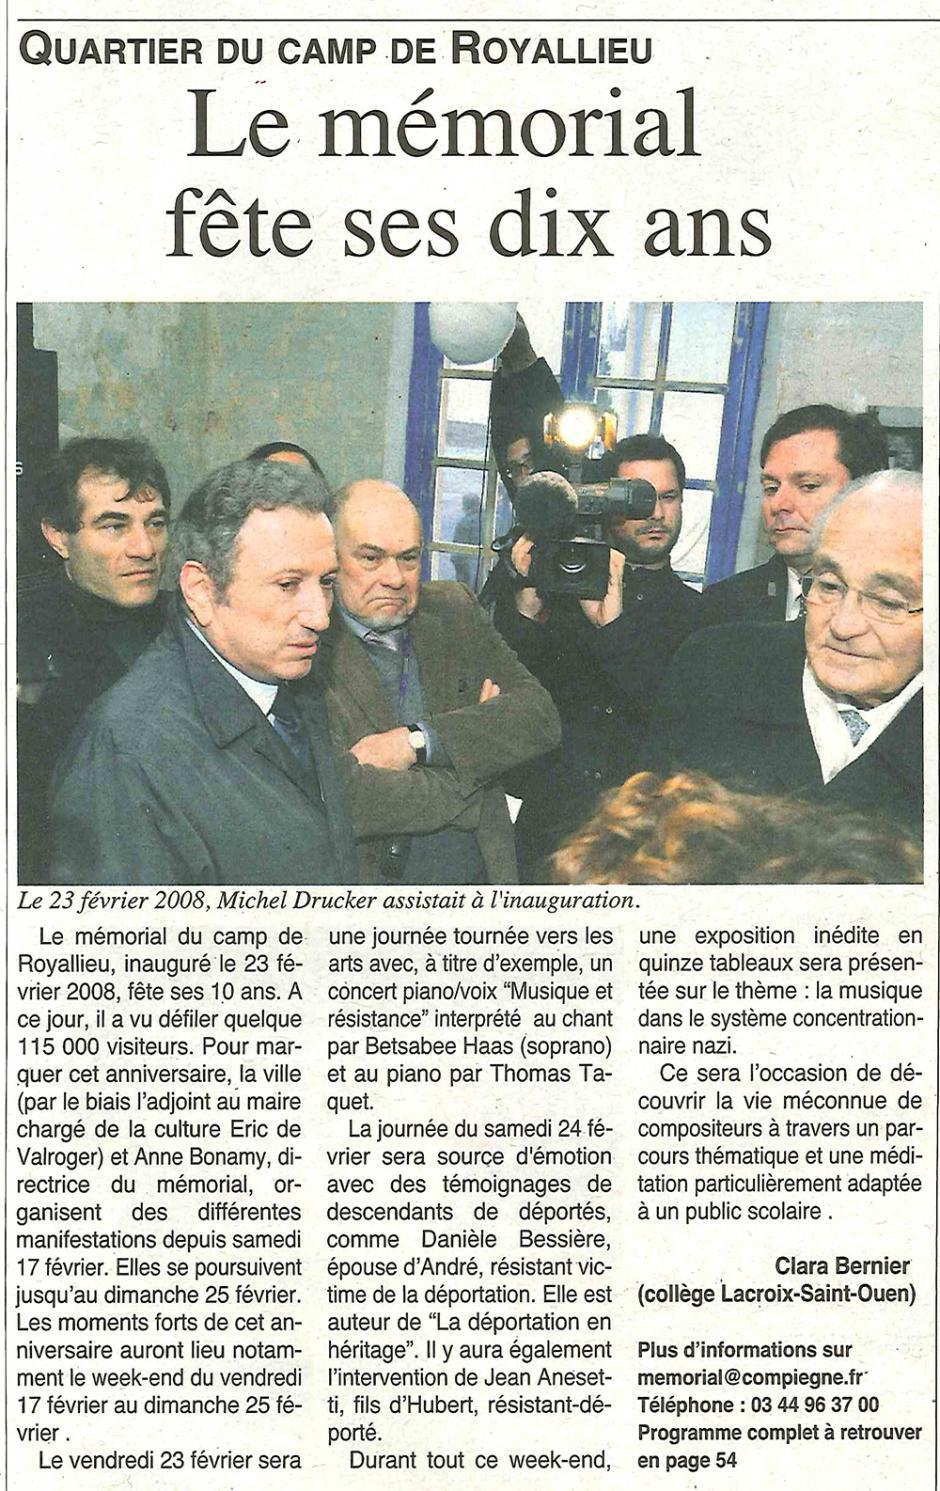 20180221-OH-Compiègne-Le Mémorial fête ses dix ans